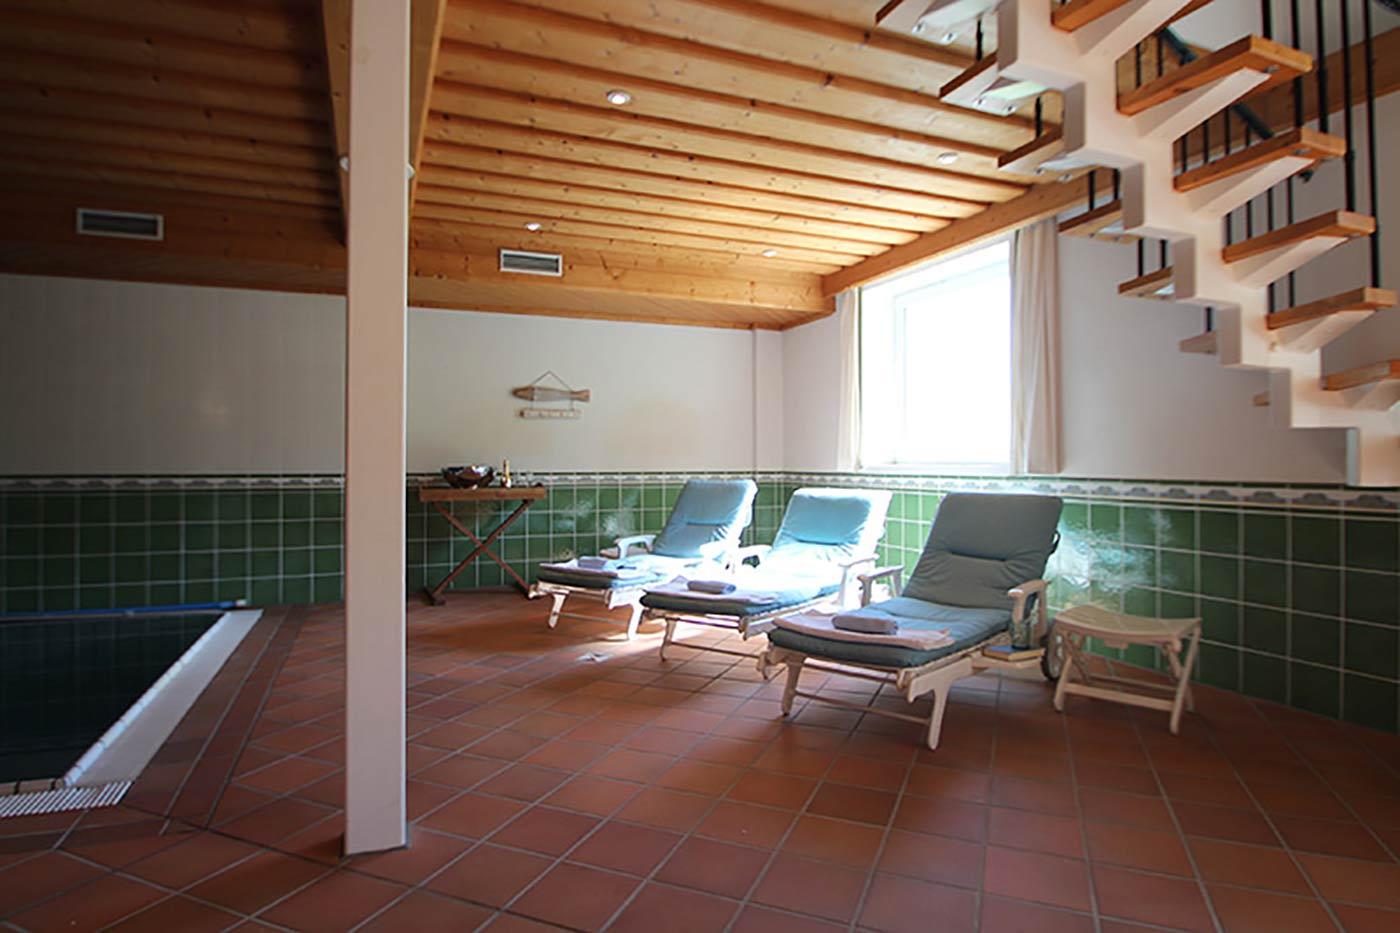 Homestaging für den Schwimmbadbereich 2 durch Blickfang Homestaging